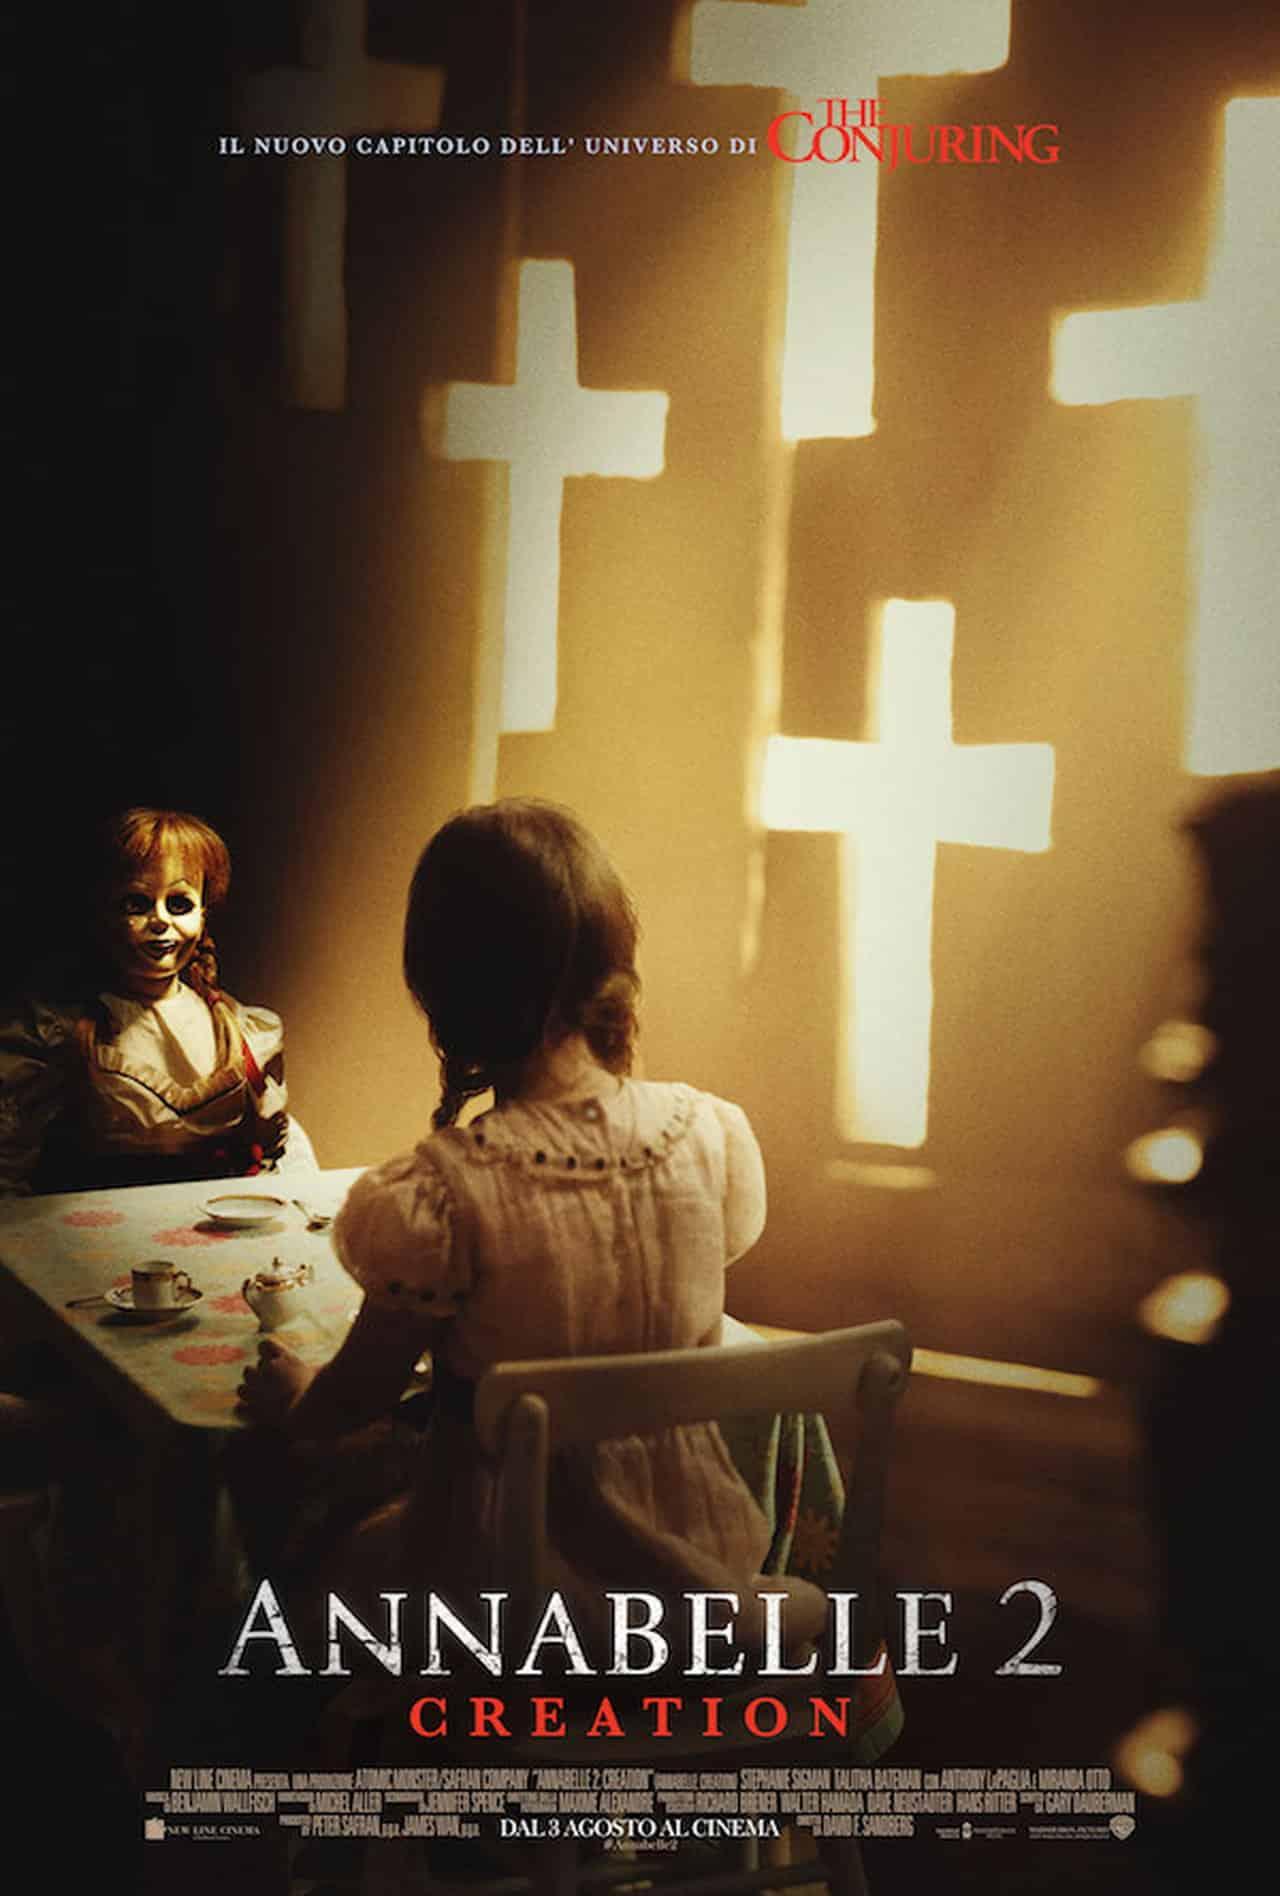 Annabelle 2: Creation – ecco l'alternative poster italiano!